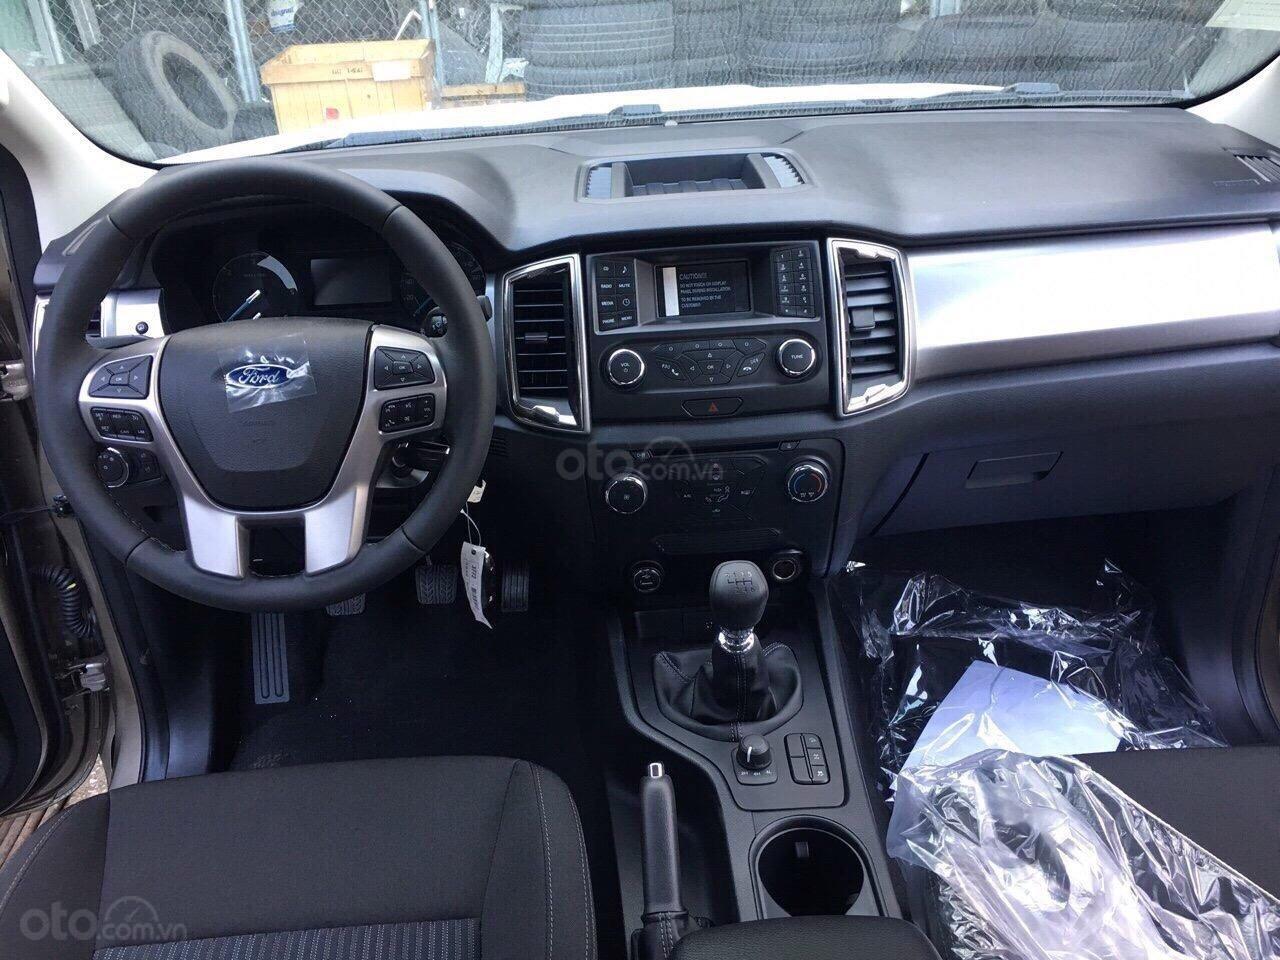 Bán Ford Ranger XLT 4x4 số tay, màu xanh thiên thanh, nhập khẩu nguyên chiếc, giá 654 triệu - Liên hệ 0979077936 (5)